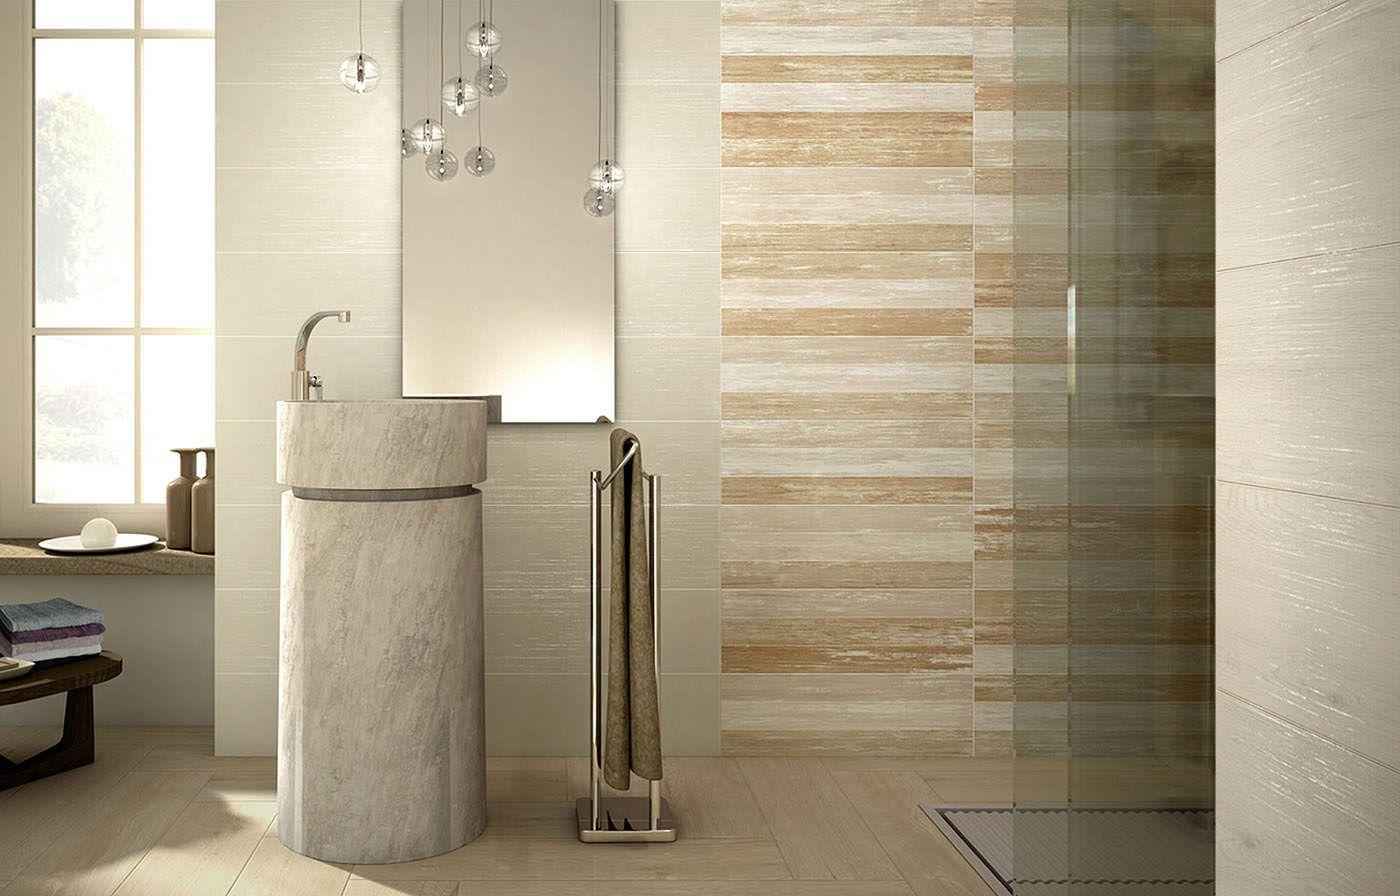 Ceramiche pisa flaviker pi sa piastrelle per arredamento di interni esterni bagni e cucine - Piastrelle per pavimenti interni ...